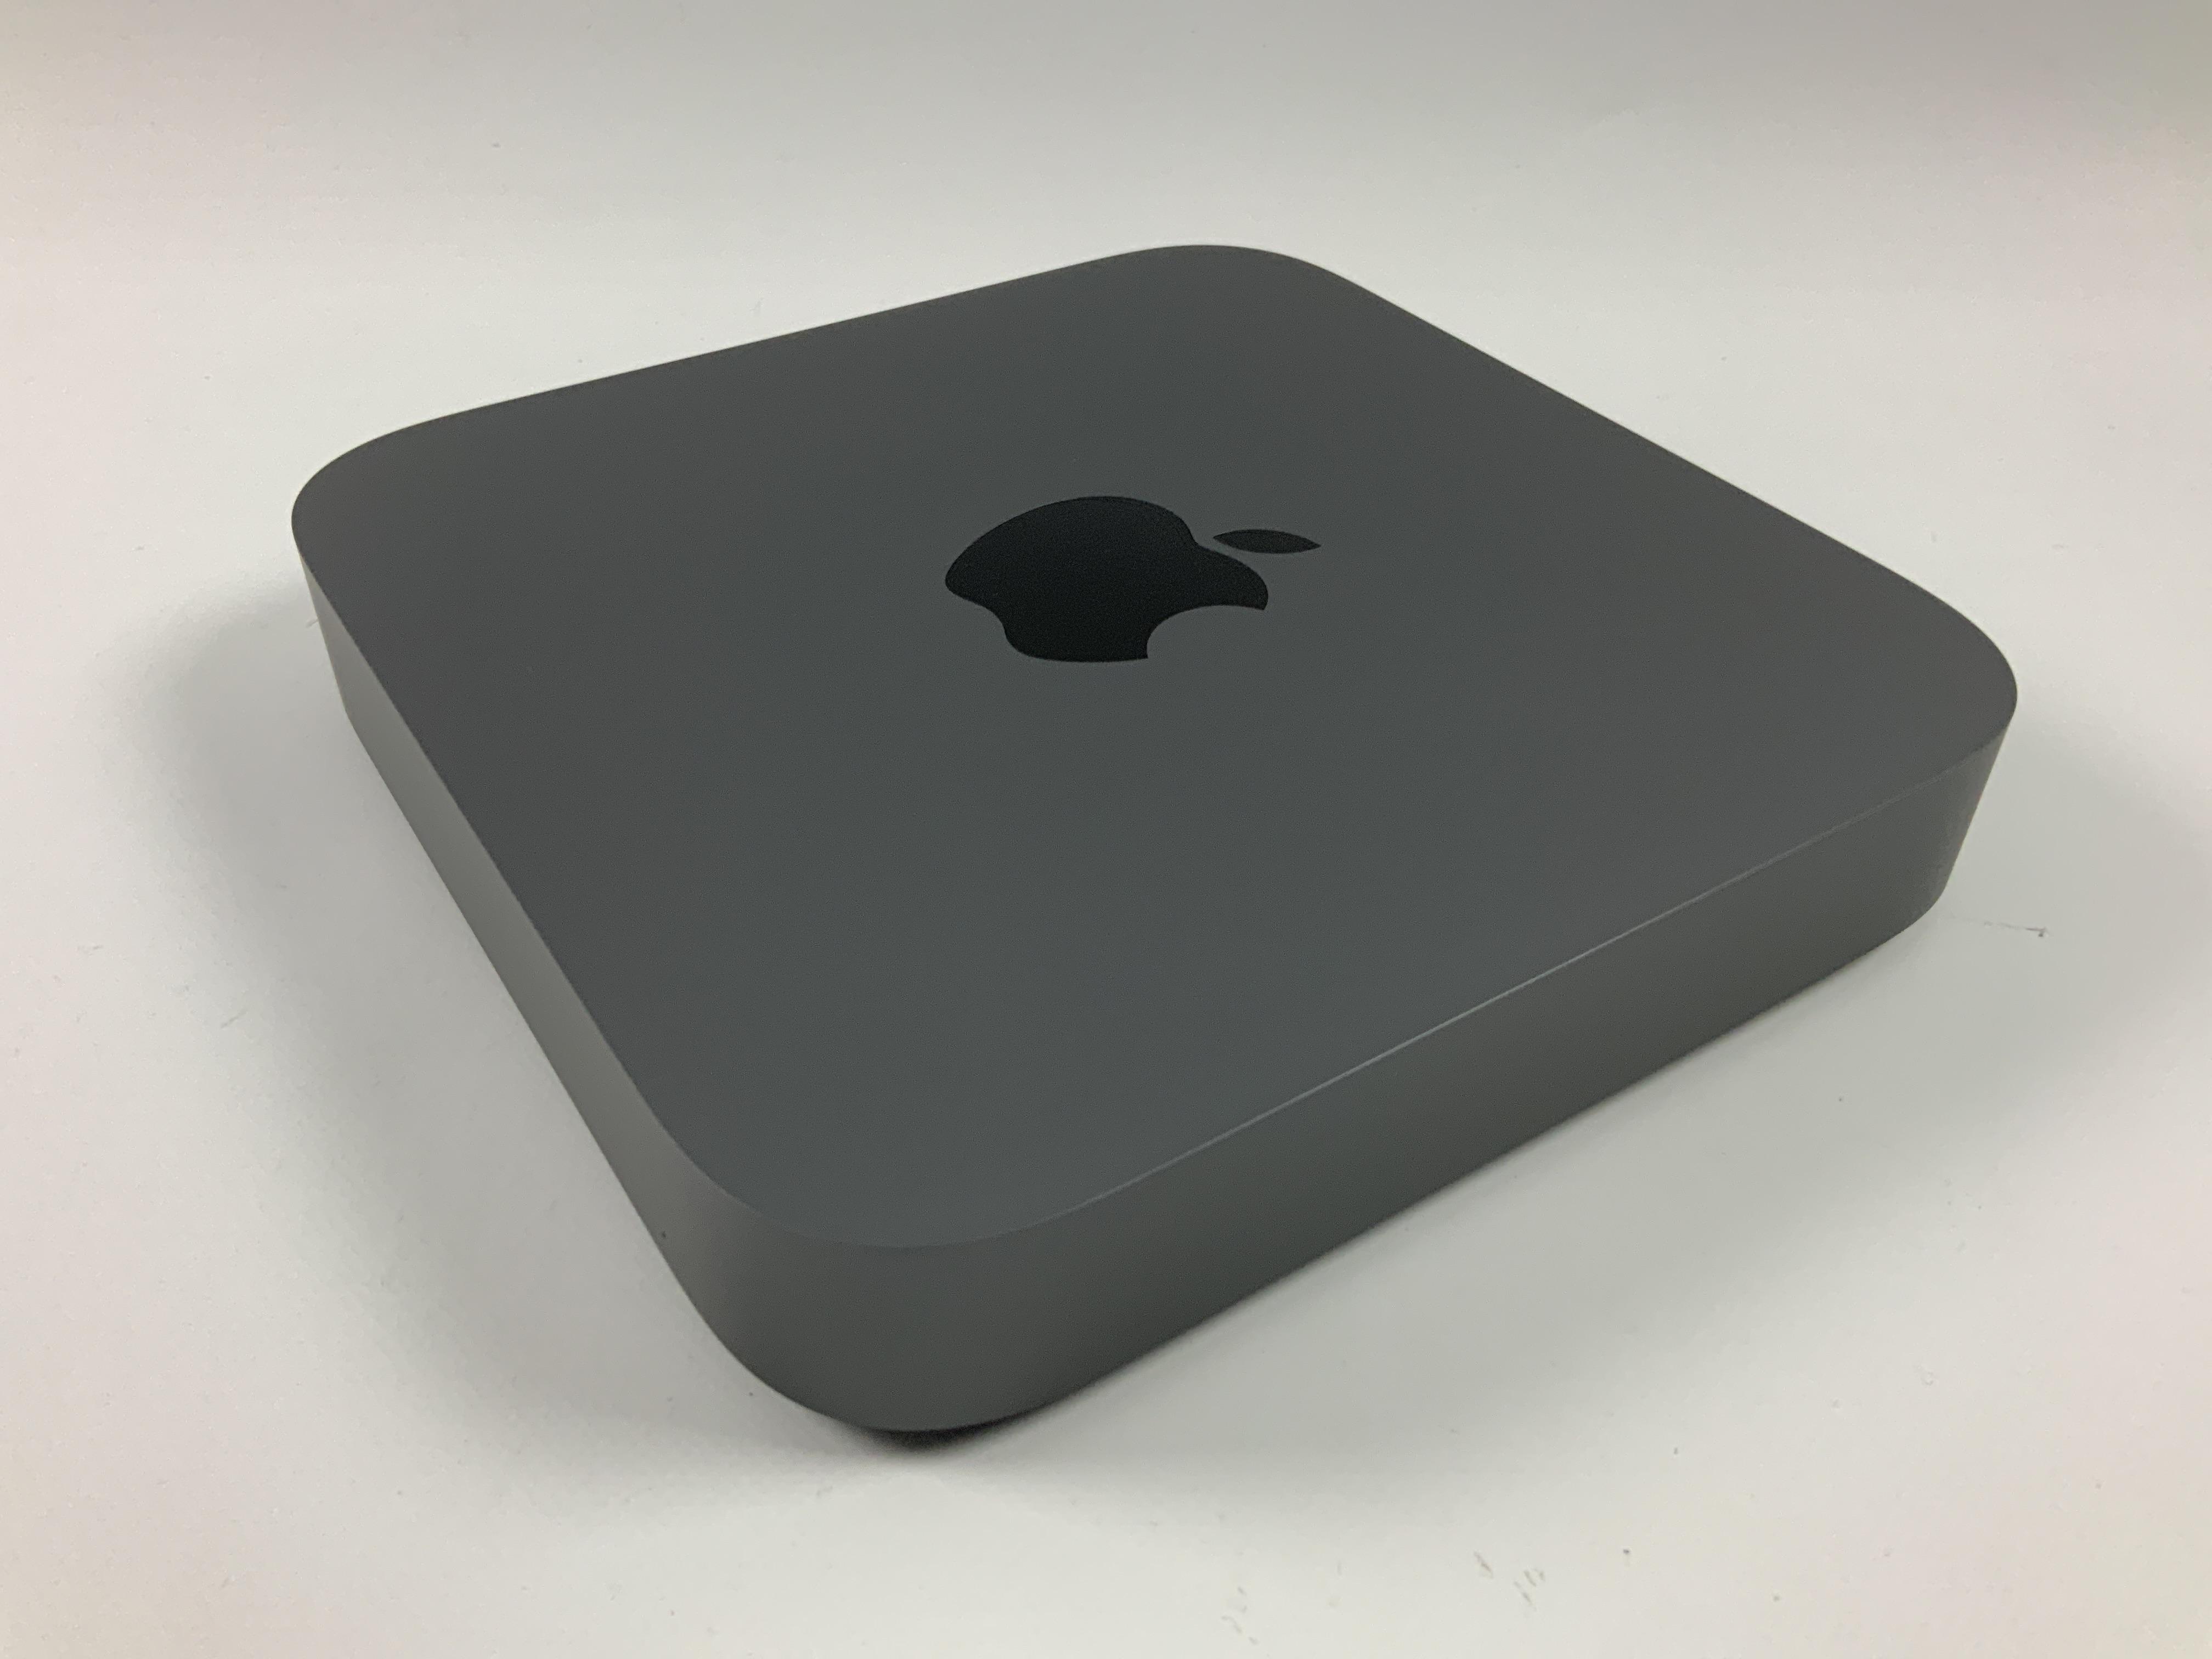 Mac Mini Late 2018 (Intel Quad-Core i3 3.6 GHz 32 GB RAM 256 GB SSD), Intel Quad-Core i3 3.6 GHz, 32 GB RAM, 256 GB SSD, Bild 3